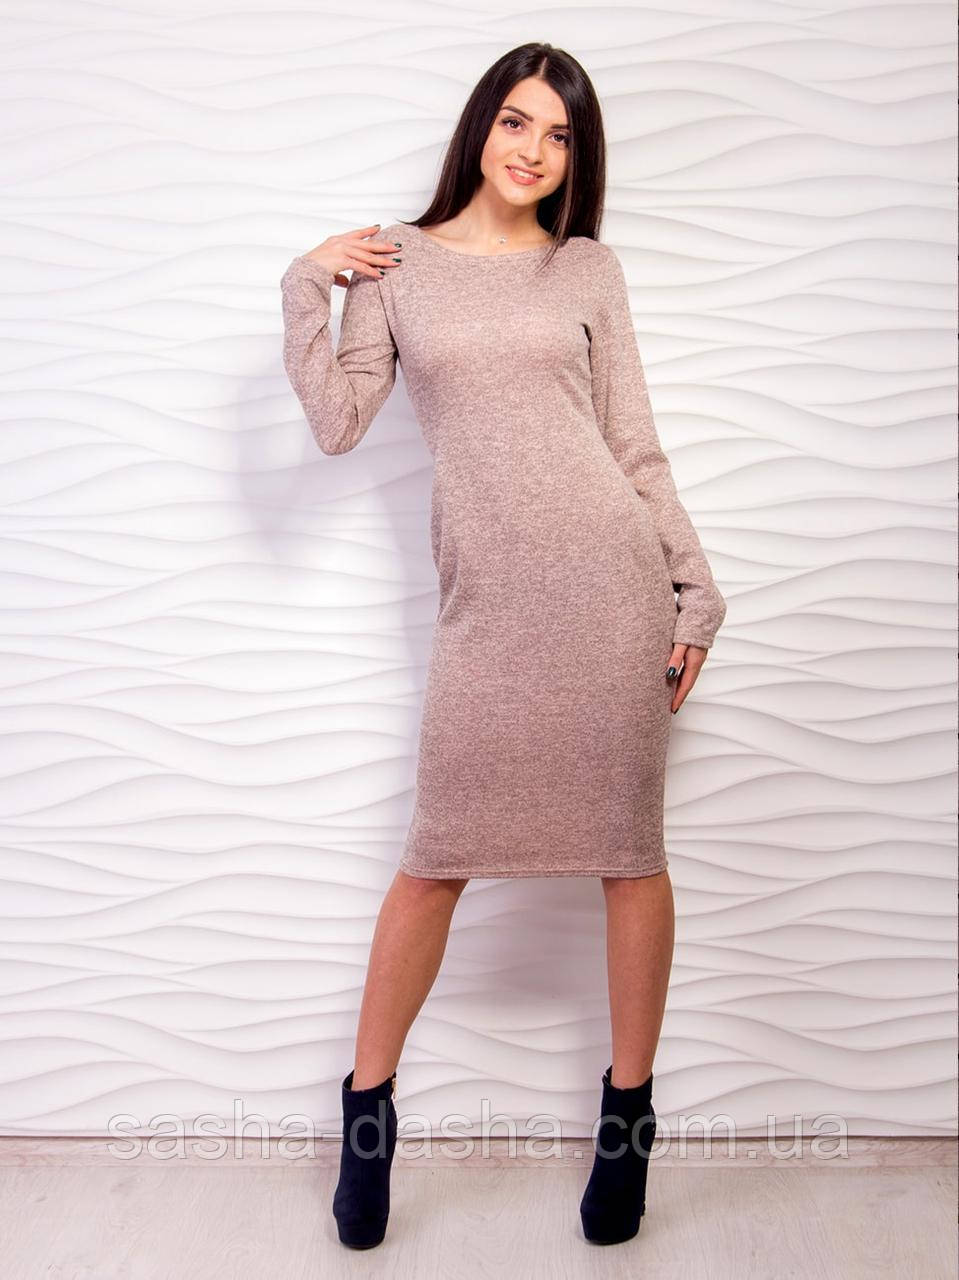 01c2c73dd8f Трикотажное платье футляр миди. - Саша и Даша. Интернет-магазин детских  товаров